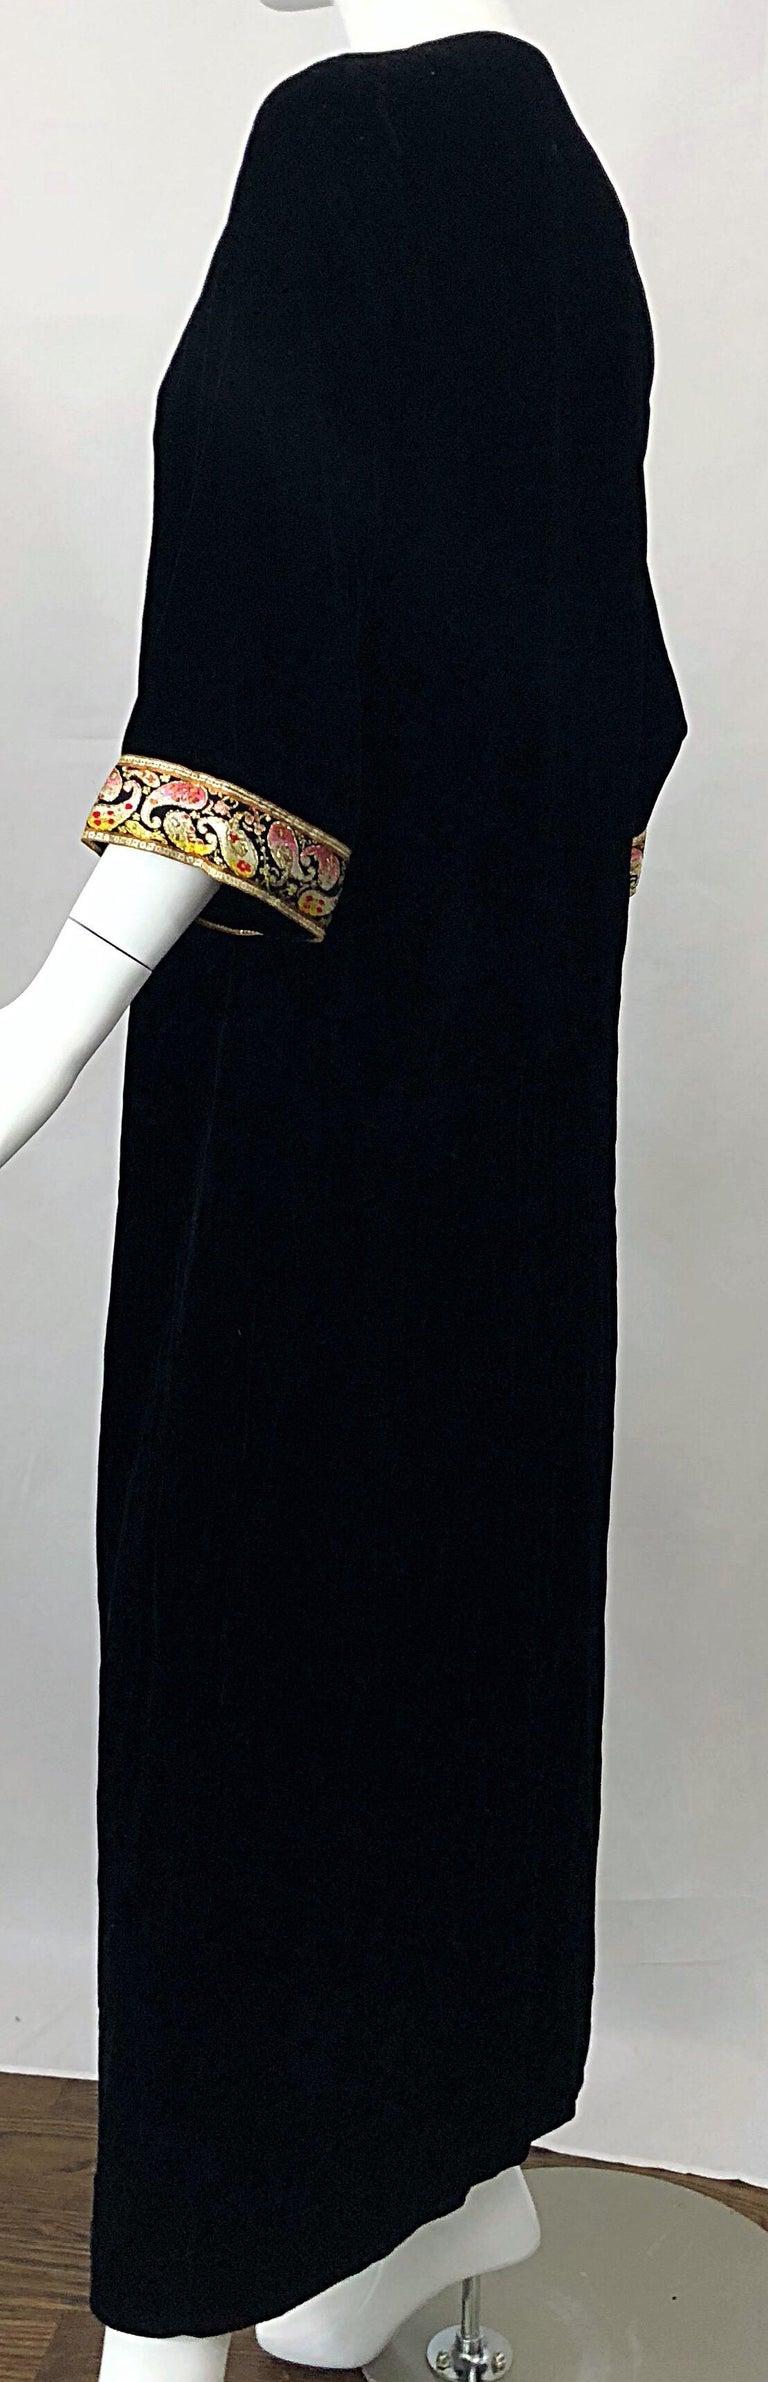 1960s Bonwit Teller Black Velvet Paisley Vintage 60s Moroccan Caftan Maxi Dress For Sale 3